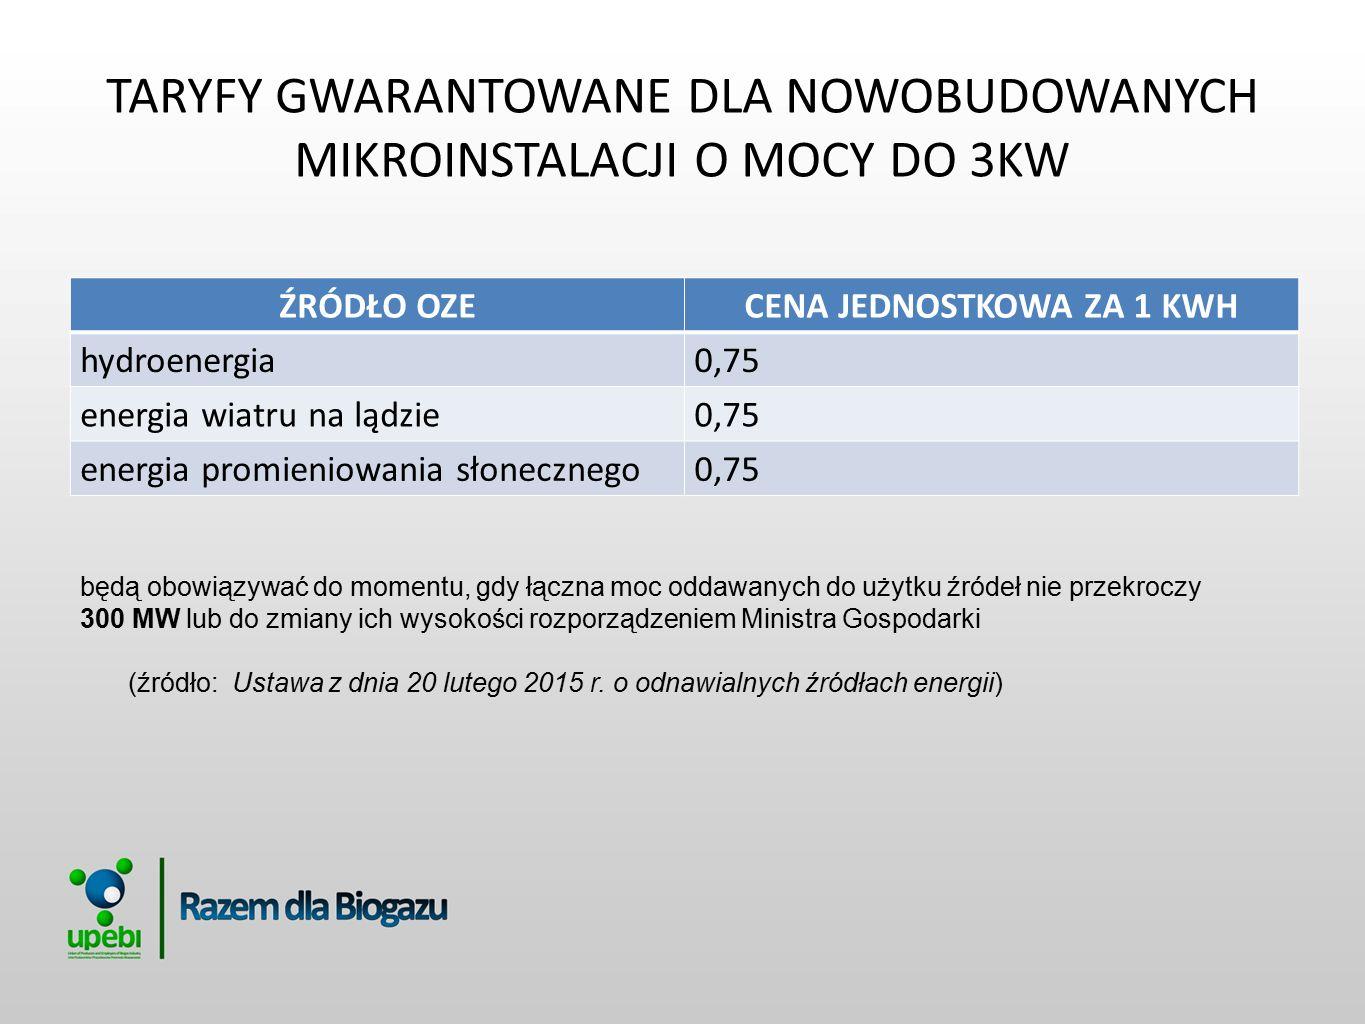 TARYFY GWARANTOWANE DLA NOWOBUDOWANYCH MIKROINSTALACJI O MOCY POWYŻEJ 3KW DO 10 KW WŁĄCZNIE ŹRÓDŁO OZECENA JEDNOSTKOWA ZA 1 KWH biogaz rolniczy0,70 biogaz ze składowisk odpadów0,55 biogaz z oczyszczalni ścieków0,45 hydroenergia0,65 energia wiatru na lądzie0,65 energia promieniowania słonecznego0,65 będą obowiązywać do momentu, gdy łączna moc oddawanych do użytku źródeł nie przekroczy progu 500 MW lub do zmiany ich wysokości rozporządzeniem Ministra Gospodarki (źródło: Ustawa z dnia 20 lutego 2015 r.